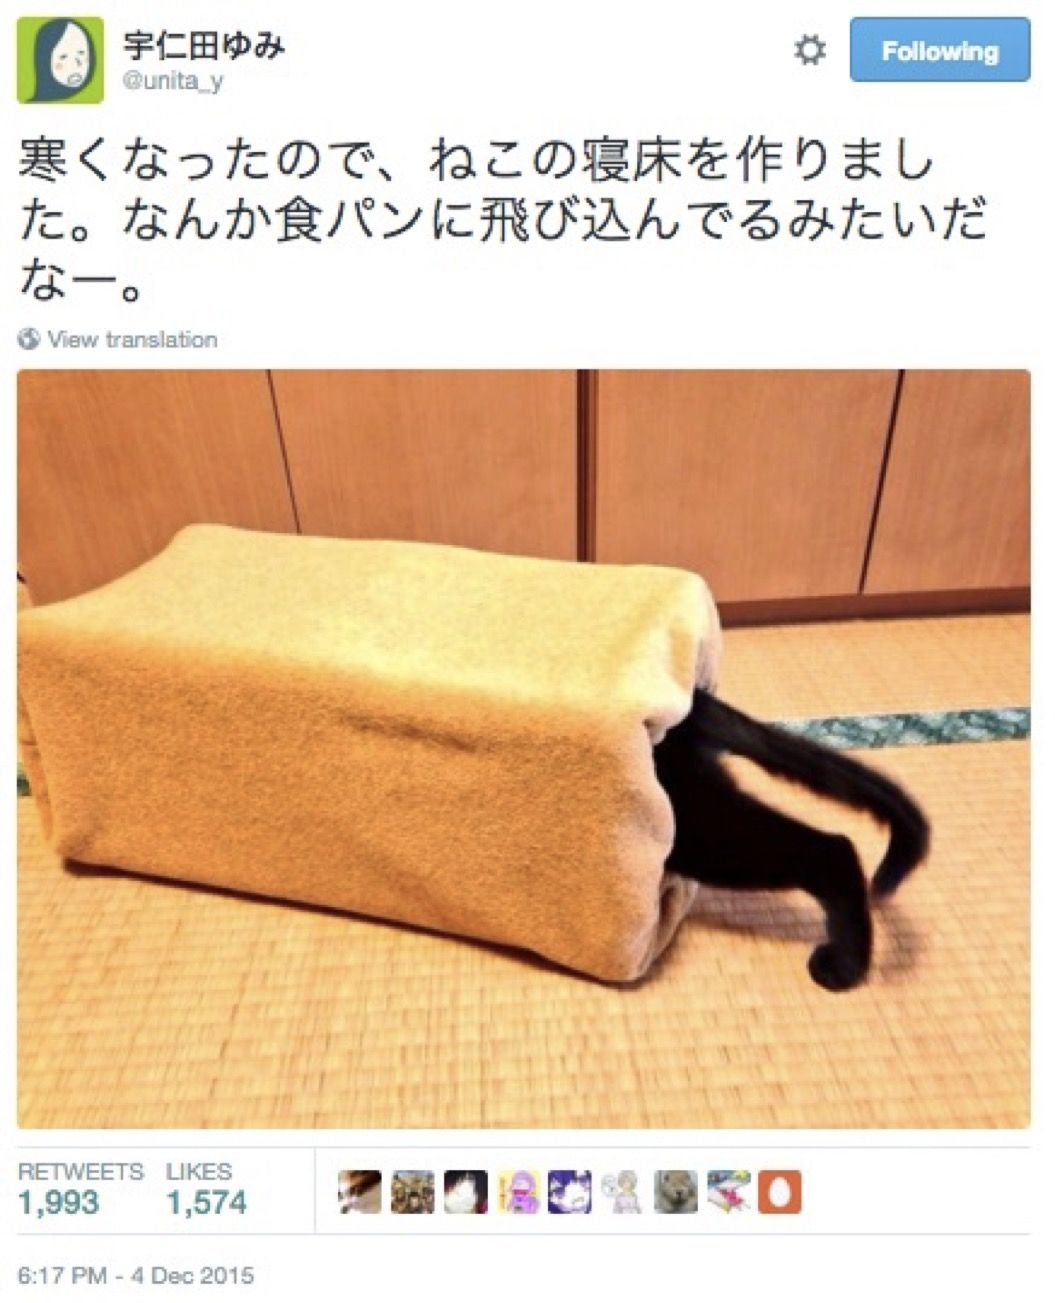 85singo_スクリーンショット 2015-12-29 18.16.08